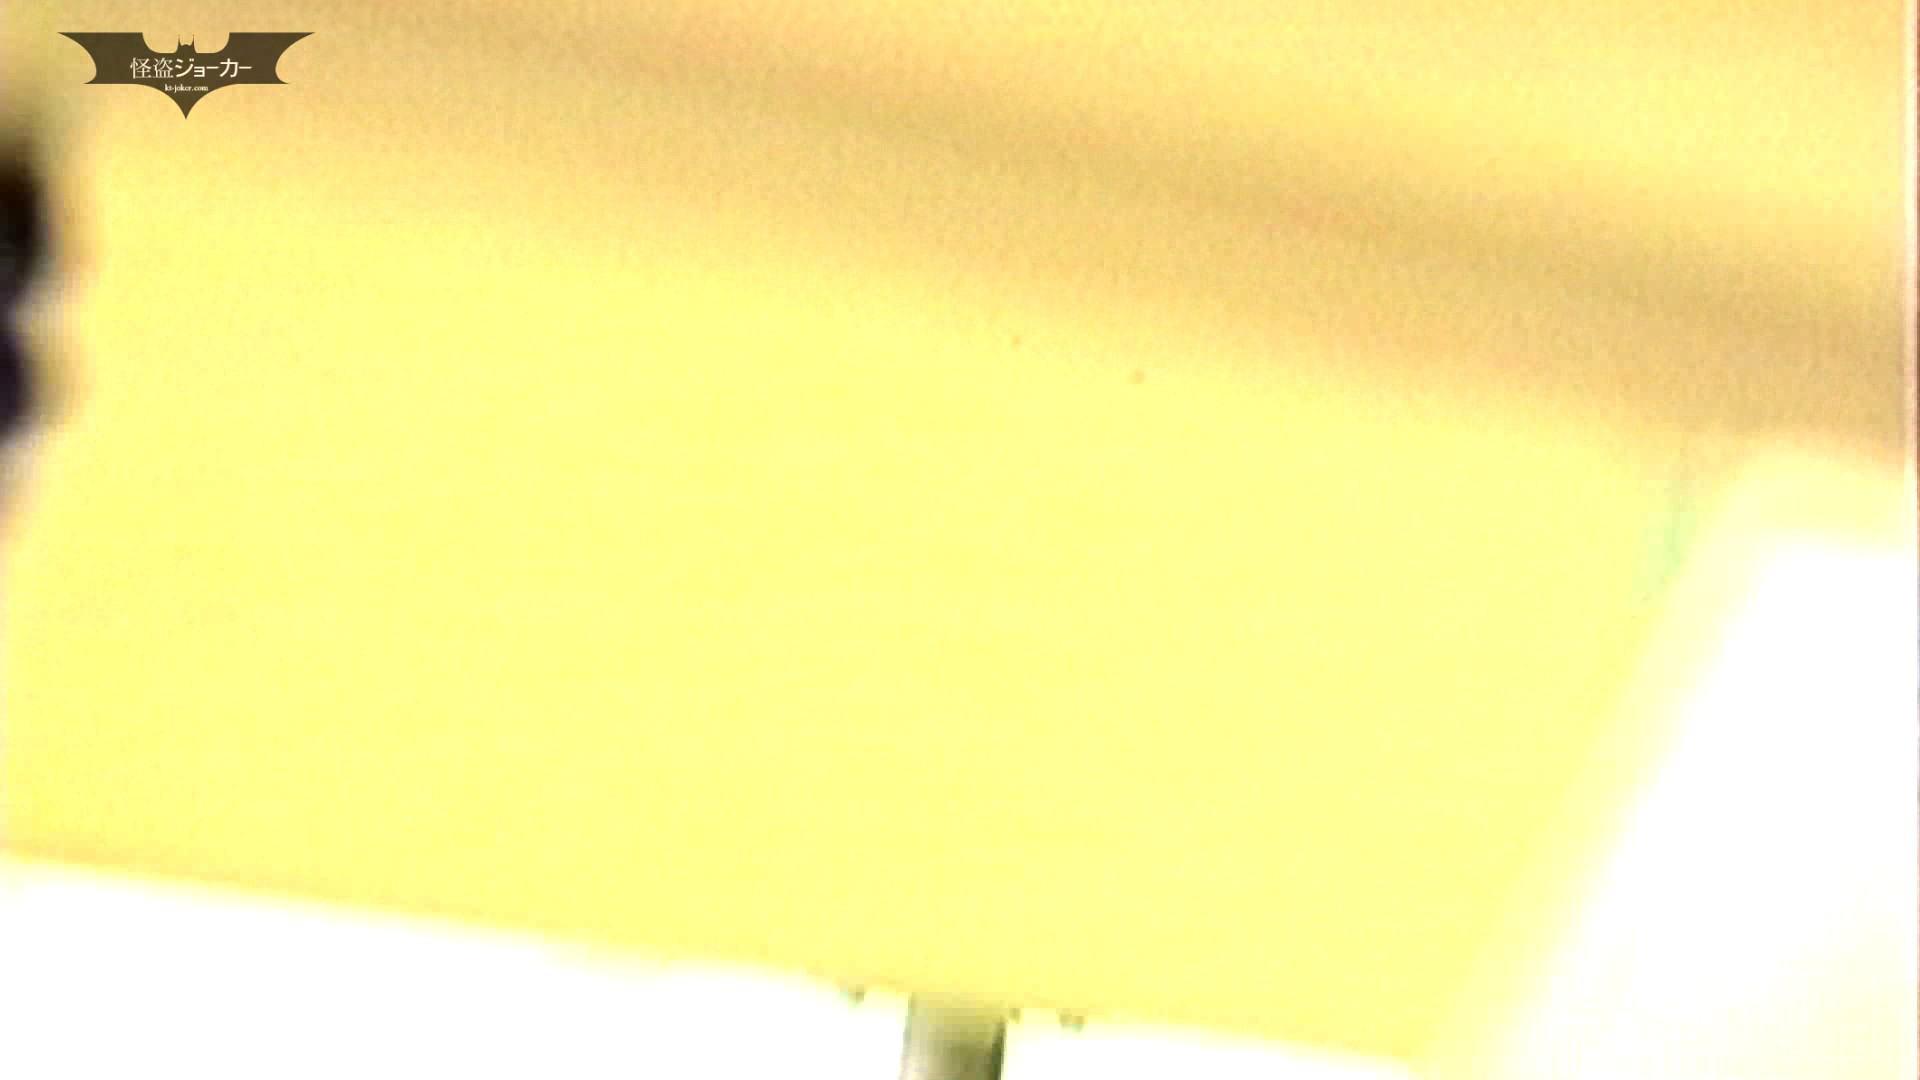 女の子の休み時間のひととき Vol.08 OLハメ撮り  36Pix 26